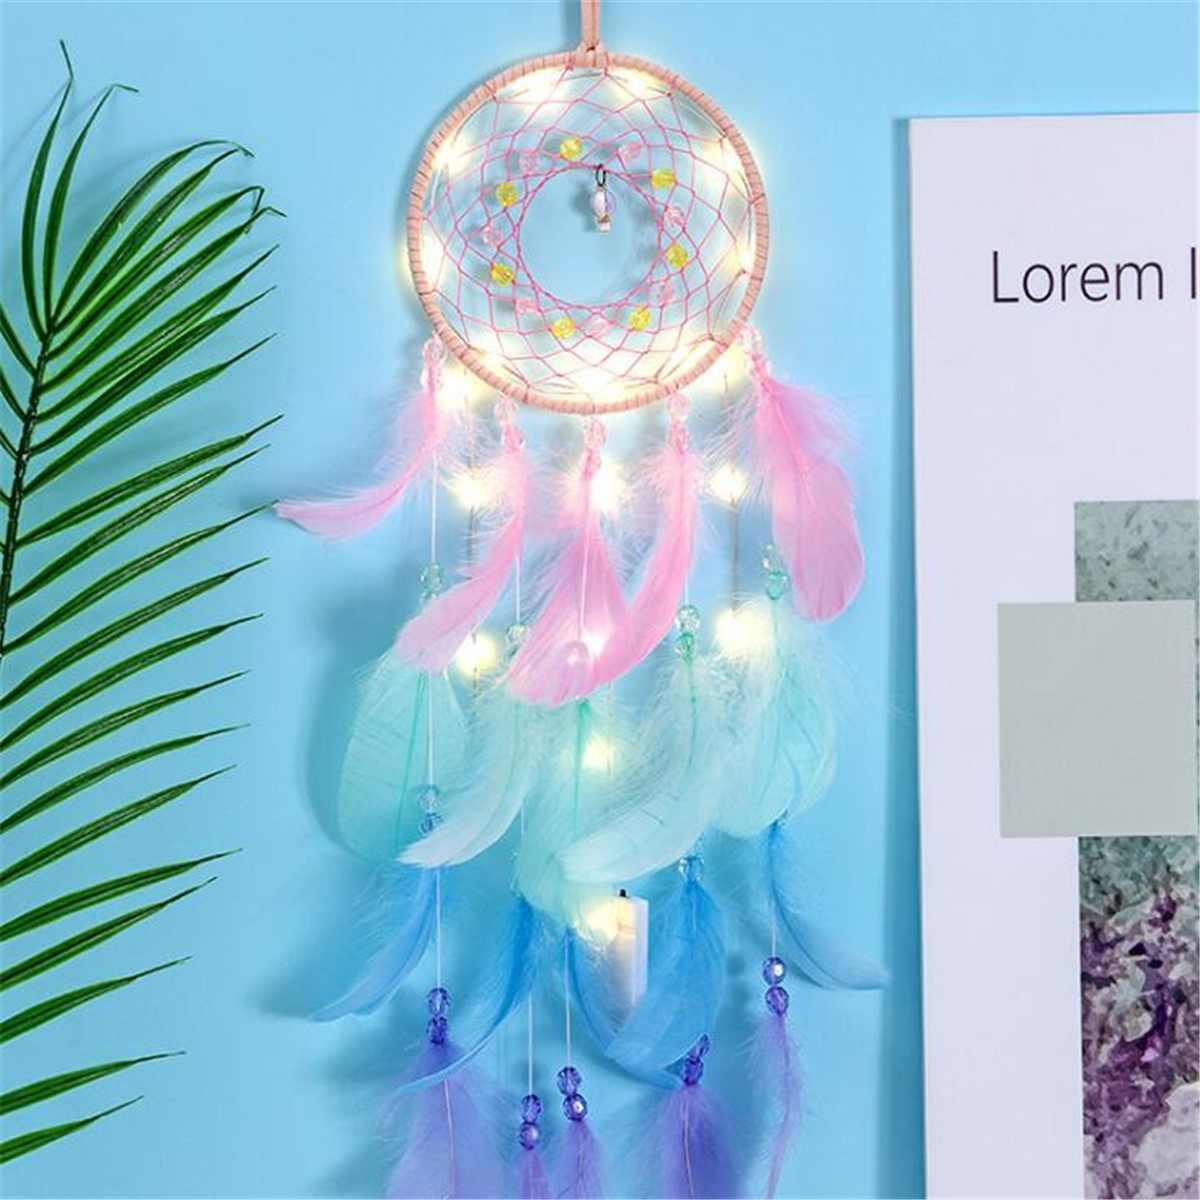 Atrapasueños de estilo nórdico campana de viento pluma colgante atrapasueños con cuerda luz dormitorio sala de estar decoración de pared regalo